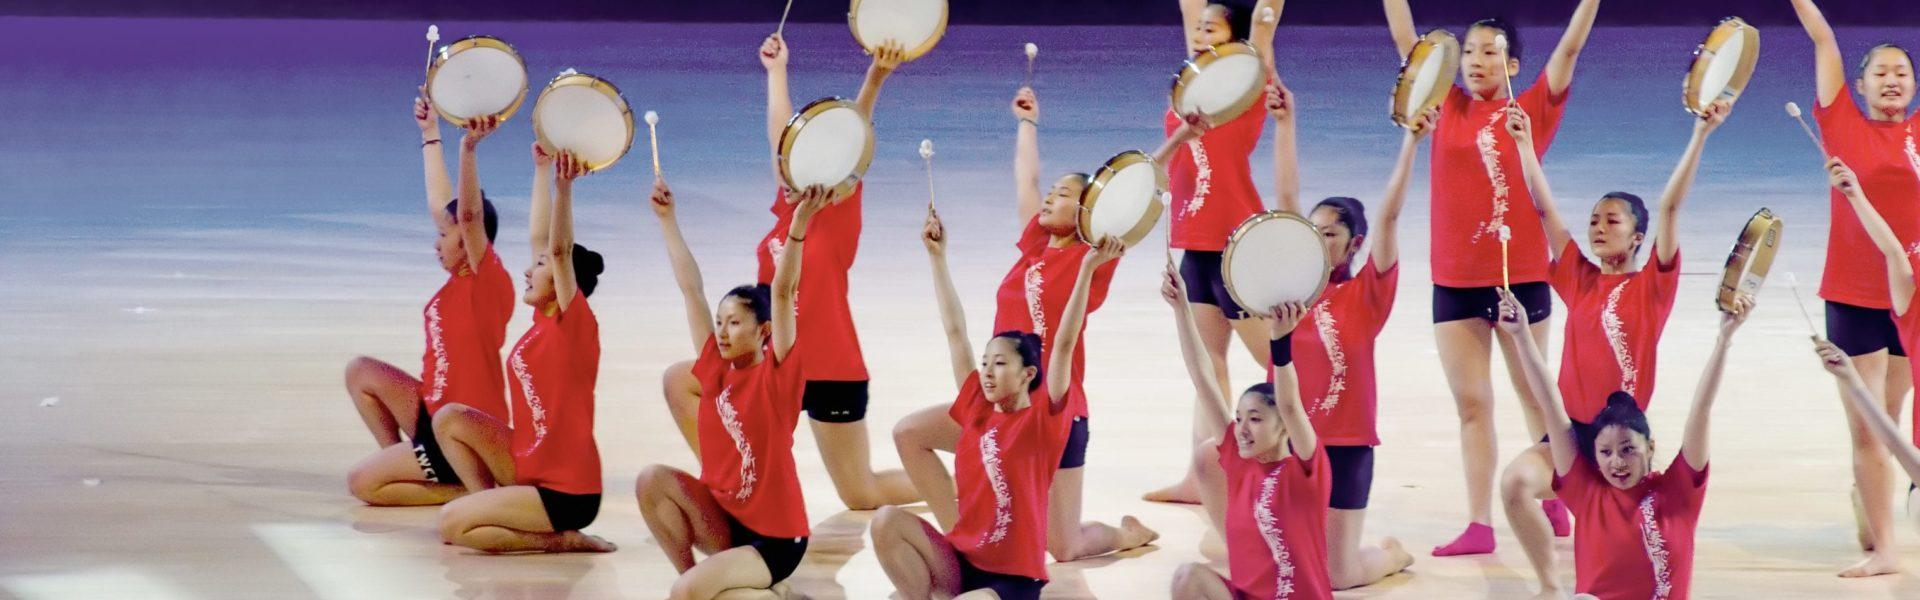 FIG-Gala (c) Weltgymnaestrada 2007